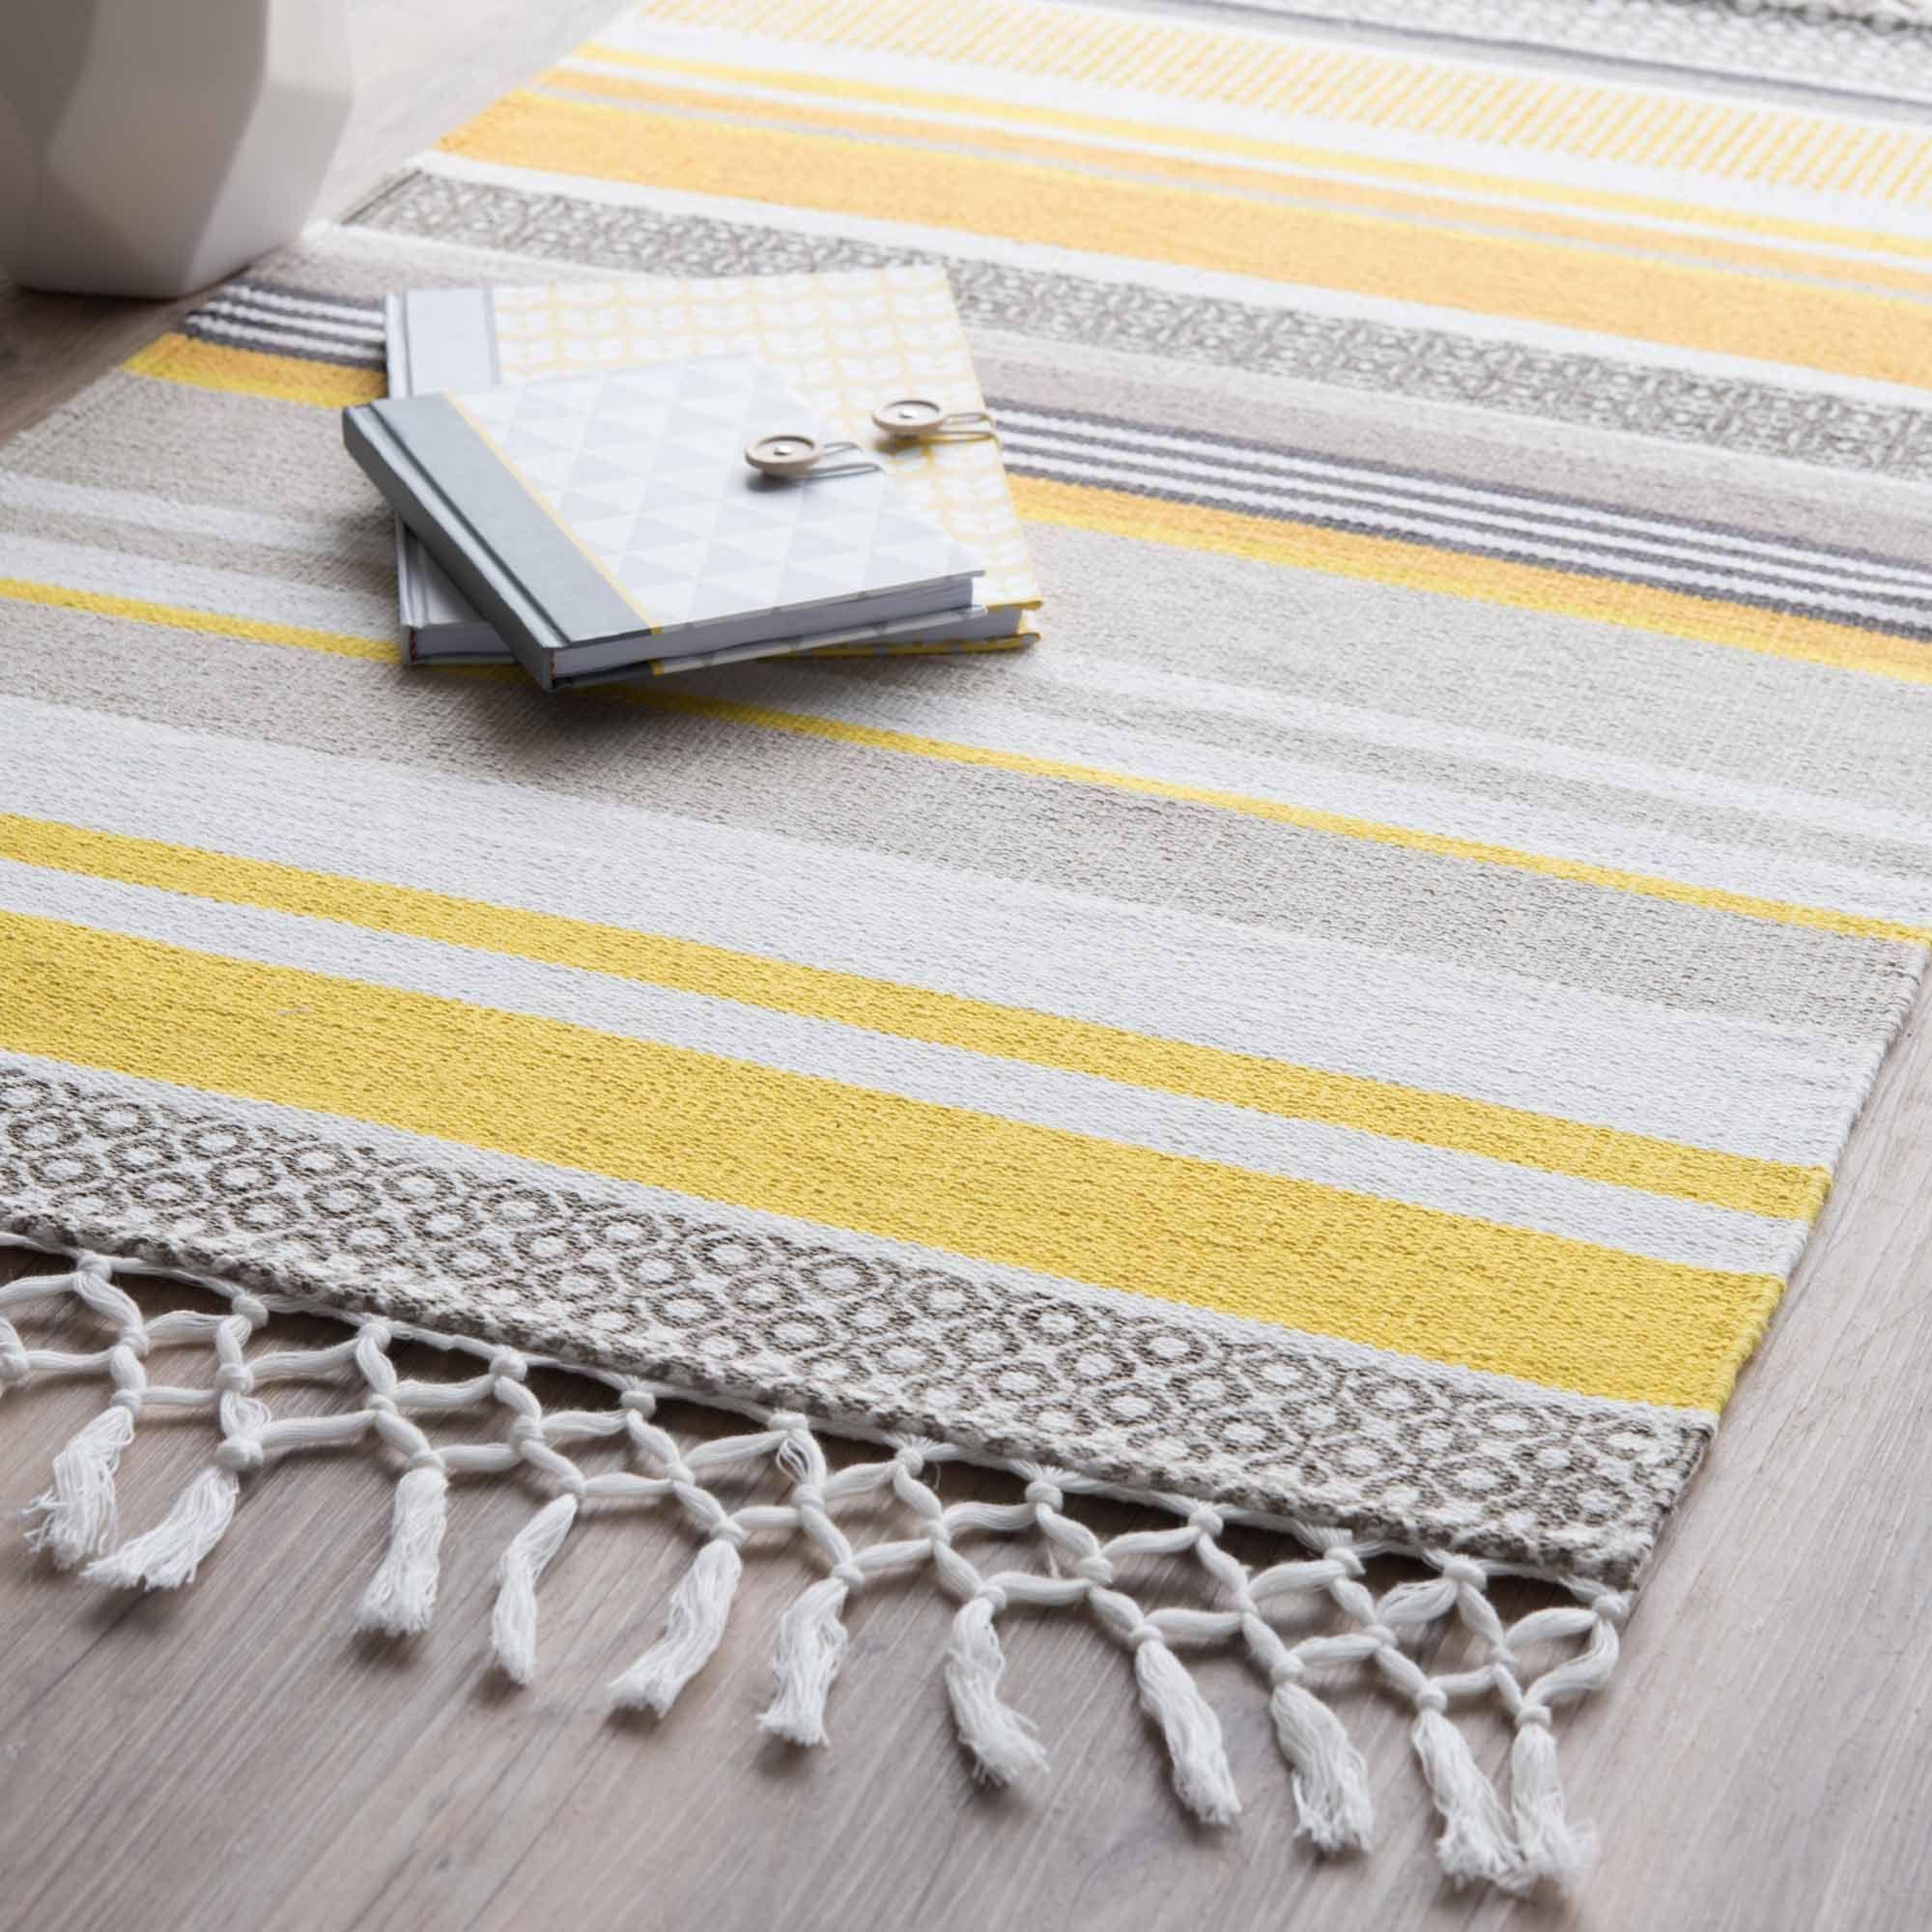 tapis ray en coton jaune gris 60 x 100 cm porto maisons du monde yellow pinterest tapis. Black Bedroom Furniture Sets. Home Design Ideas